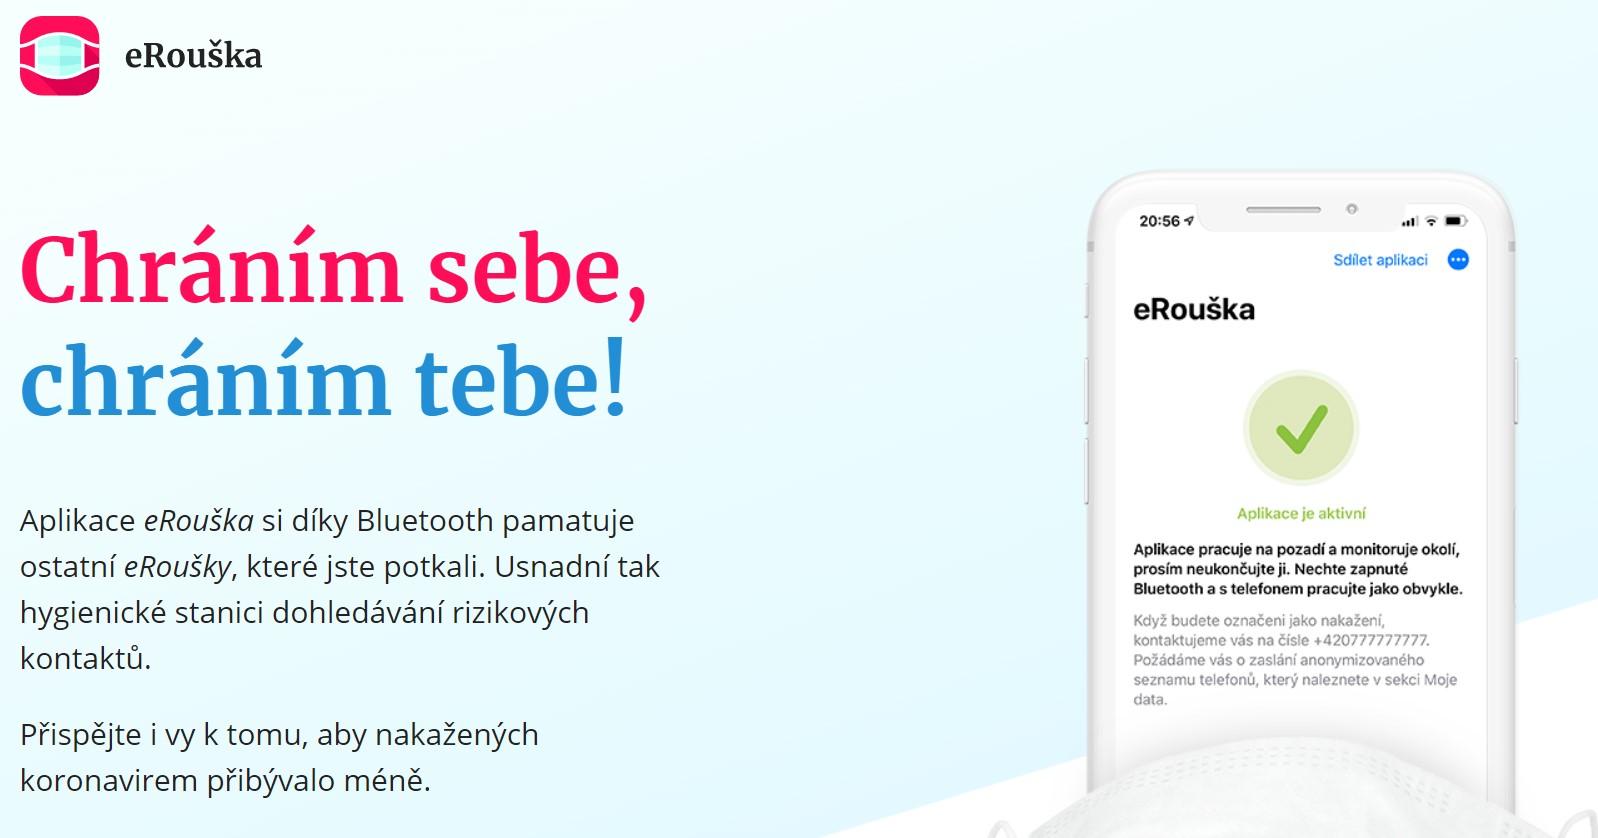 Aplikace eRouška